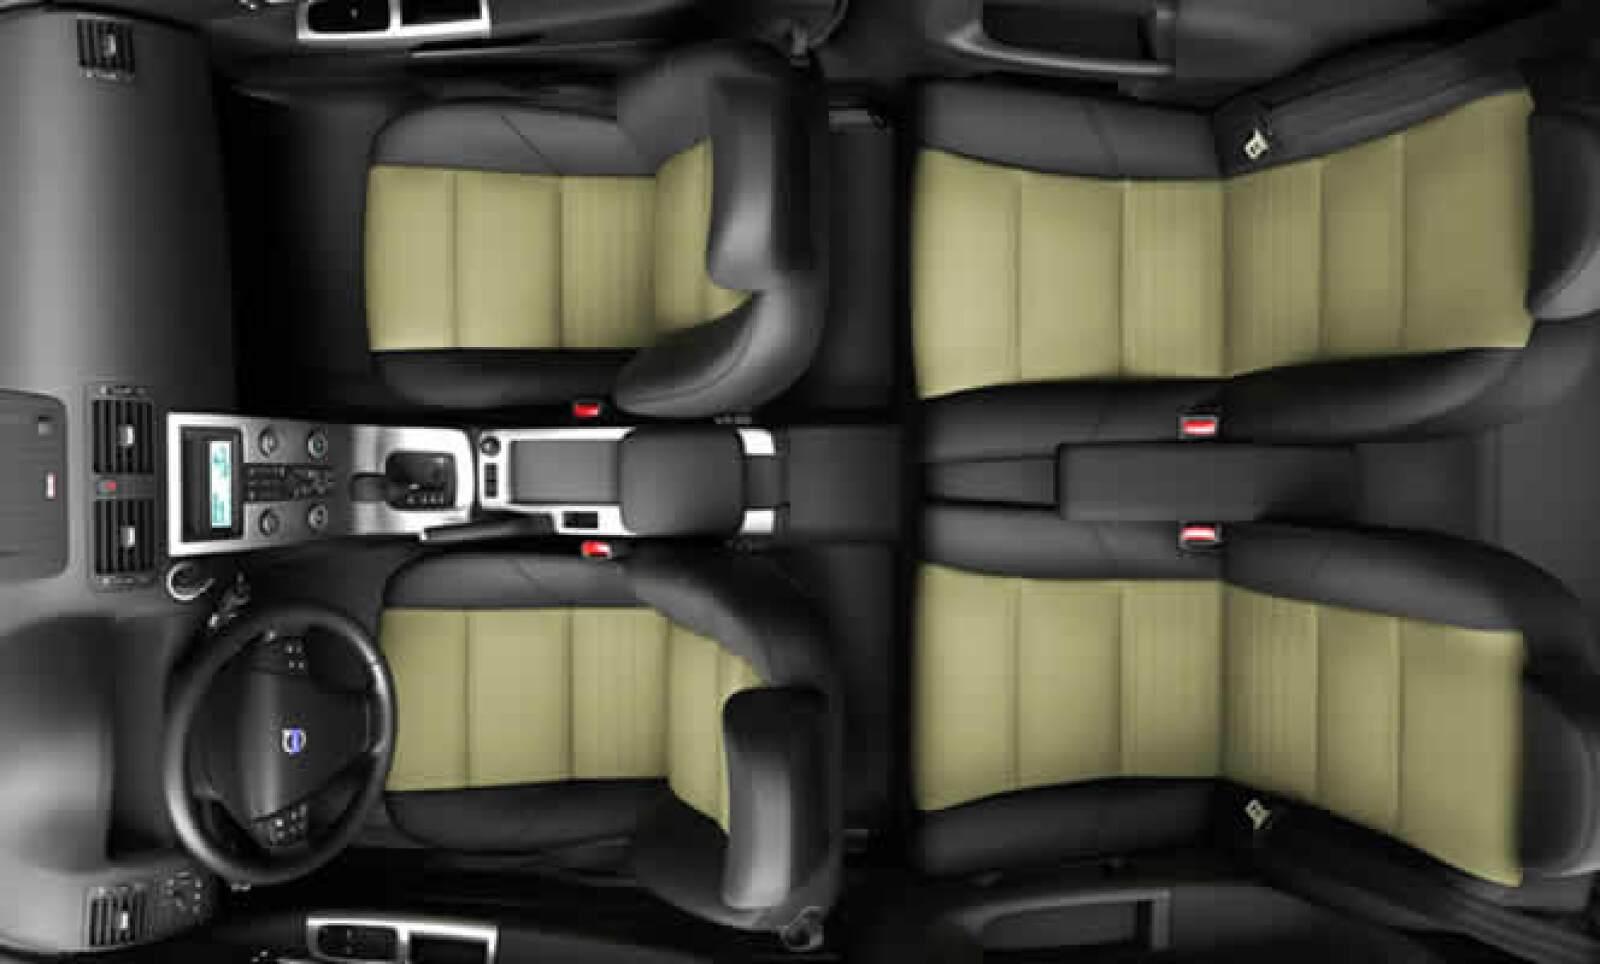 Con gran espacio, en este compacto de gran calidad de Volvo, podrán ingresar comodamente hasta 5 personas